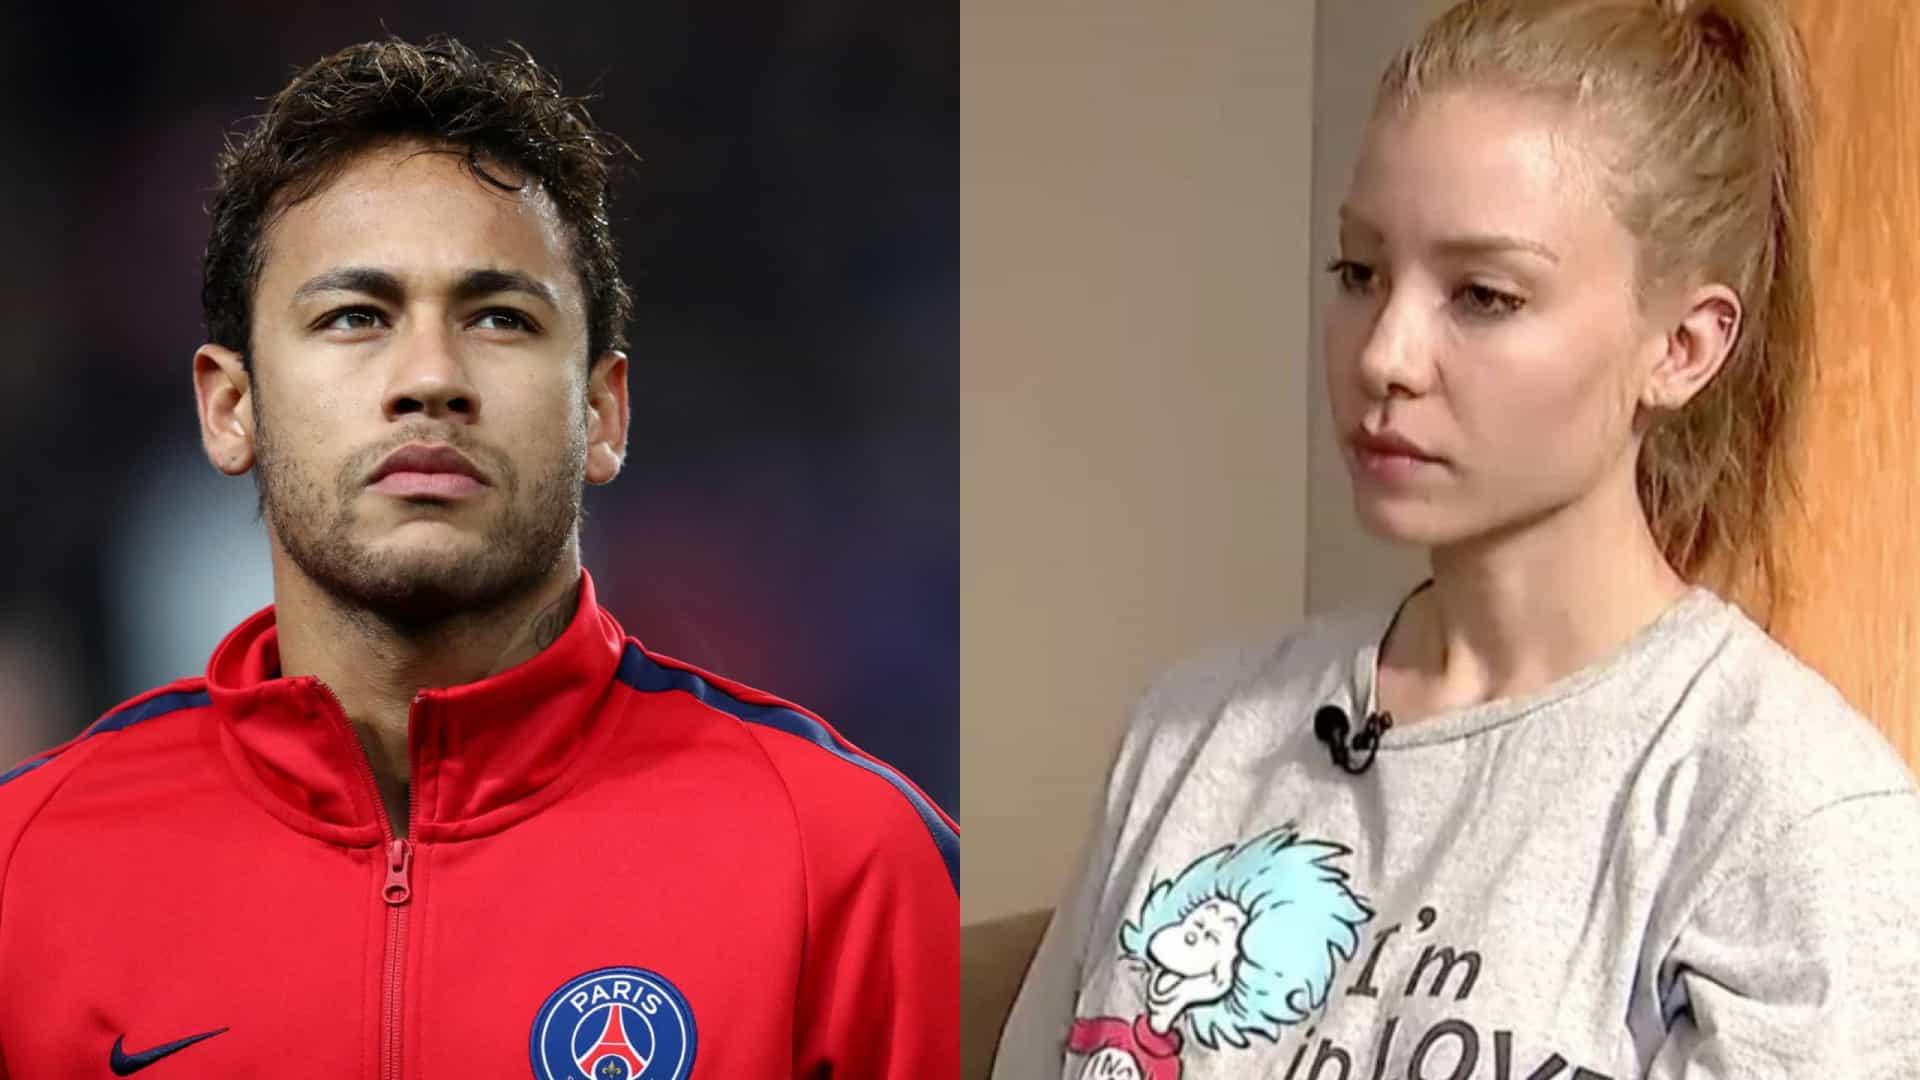 """Mulher que acusa Neymar é """"vítima dos fanáticos do futebol"""", diz advogado"""